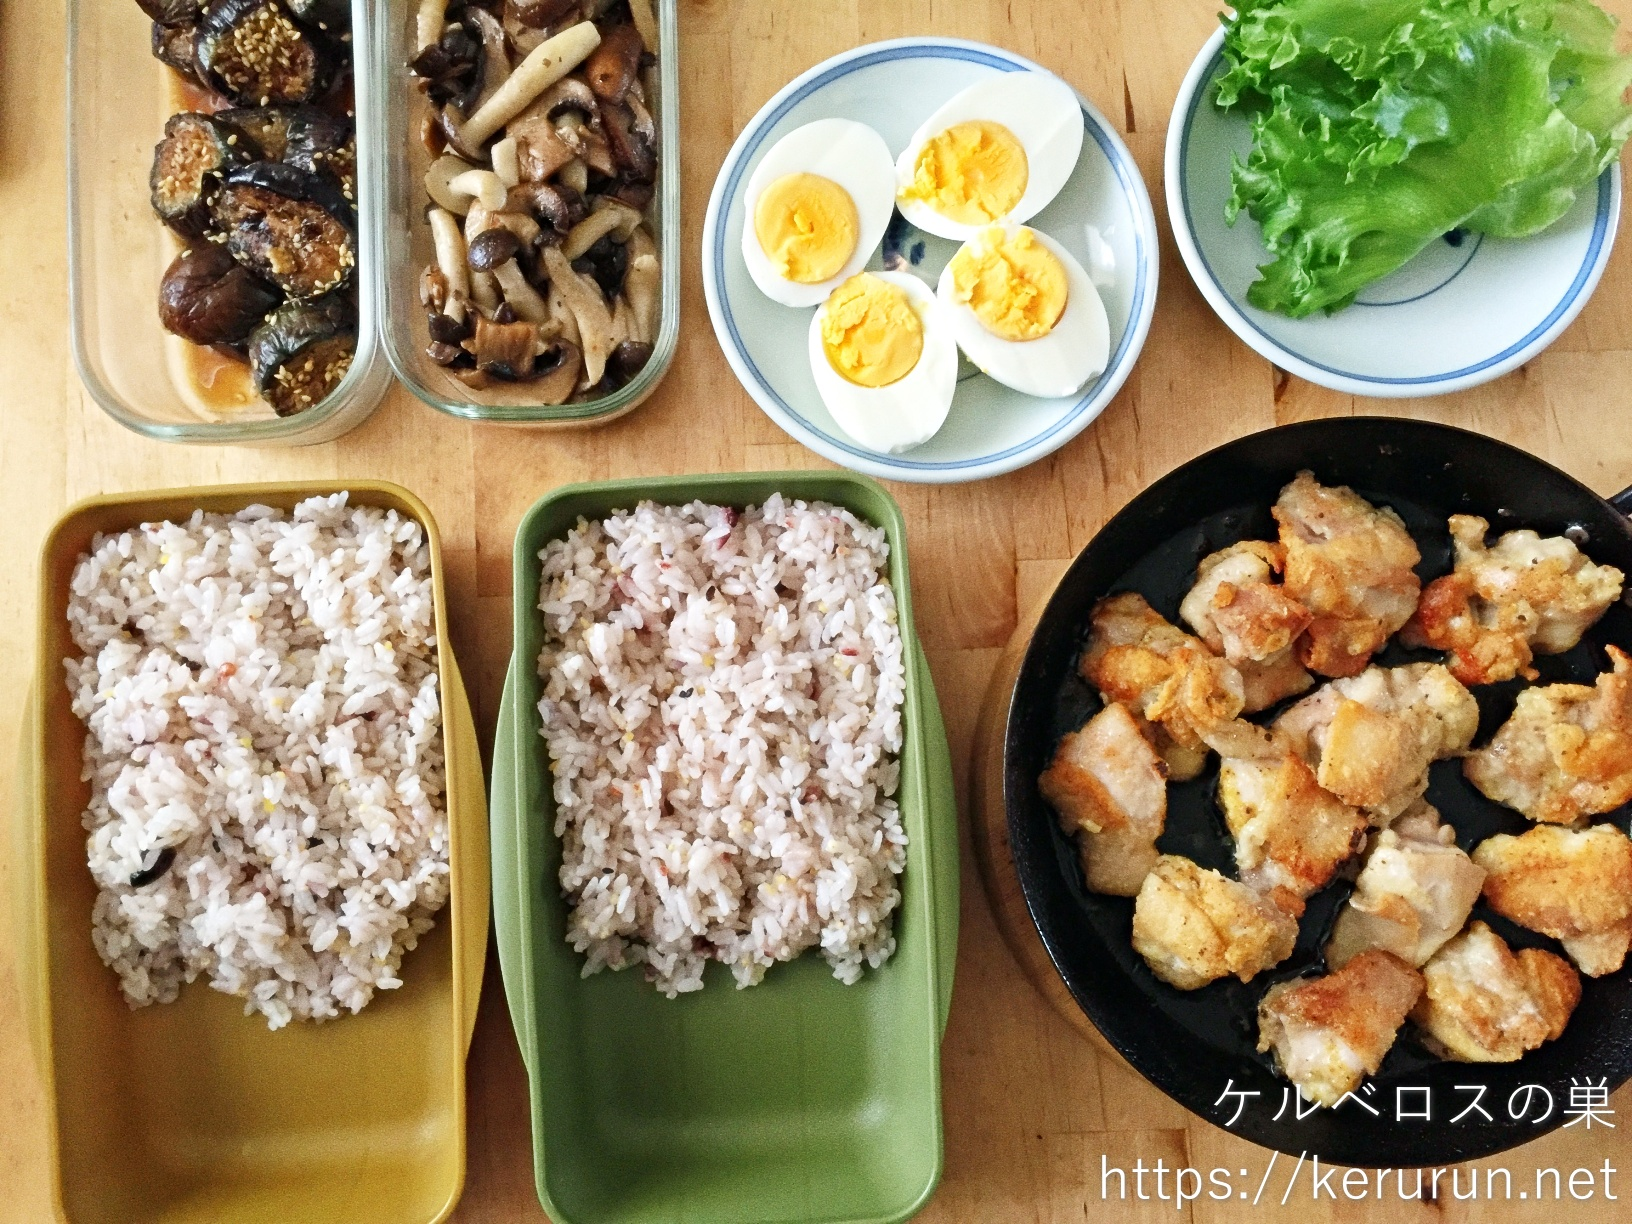 さくらどりで作る鶏もも肉のグリル弁当